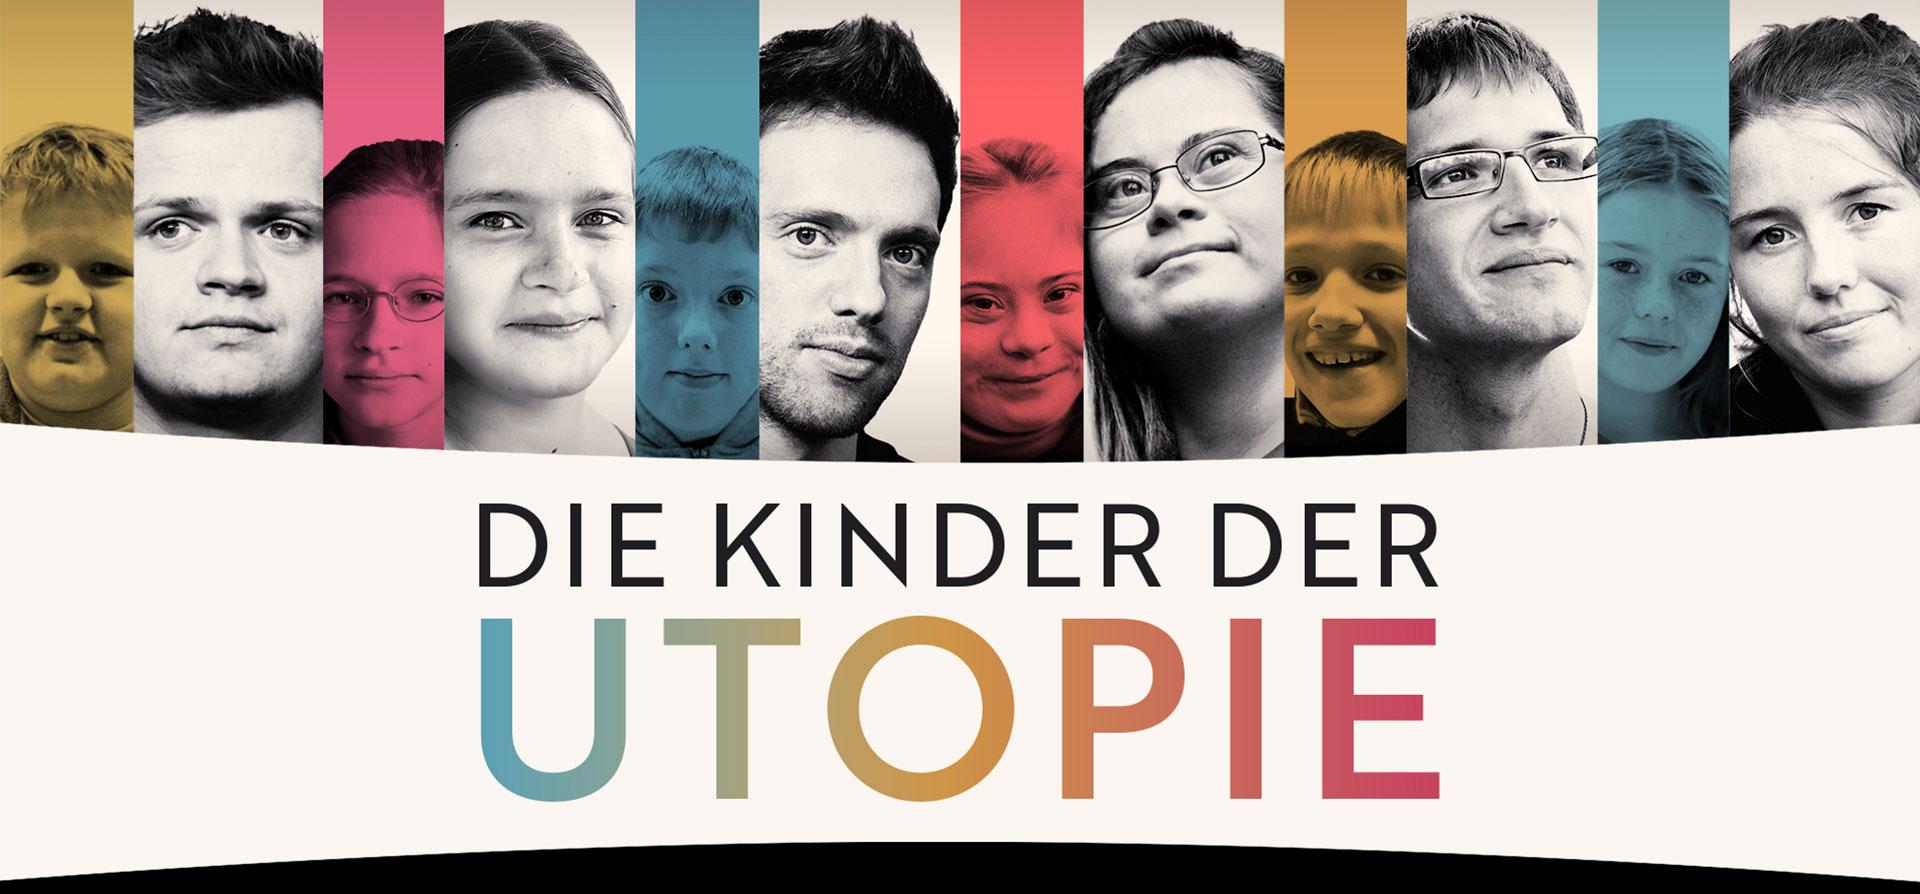 Die Kinder der Utopie